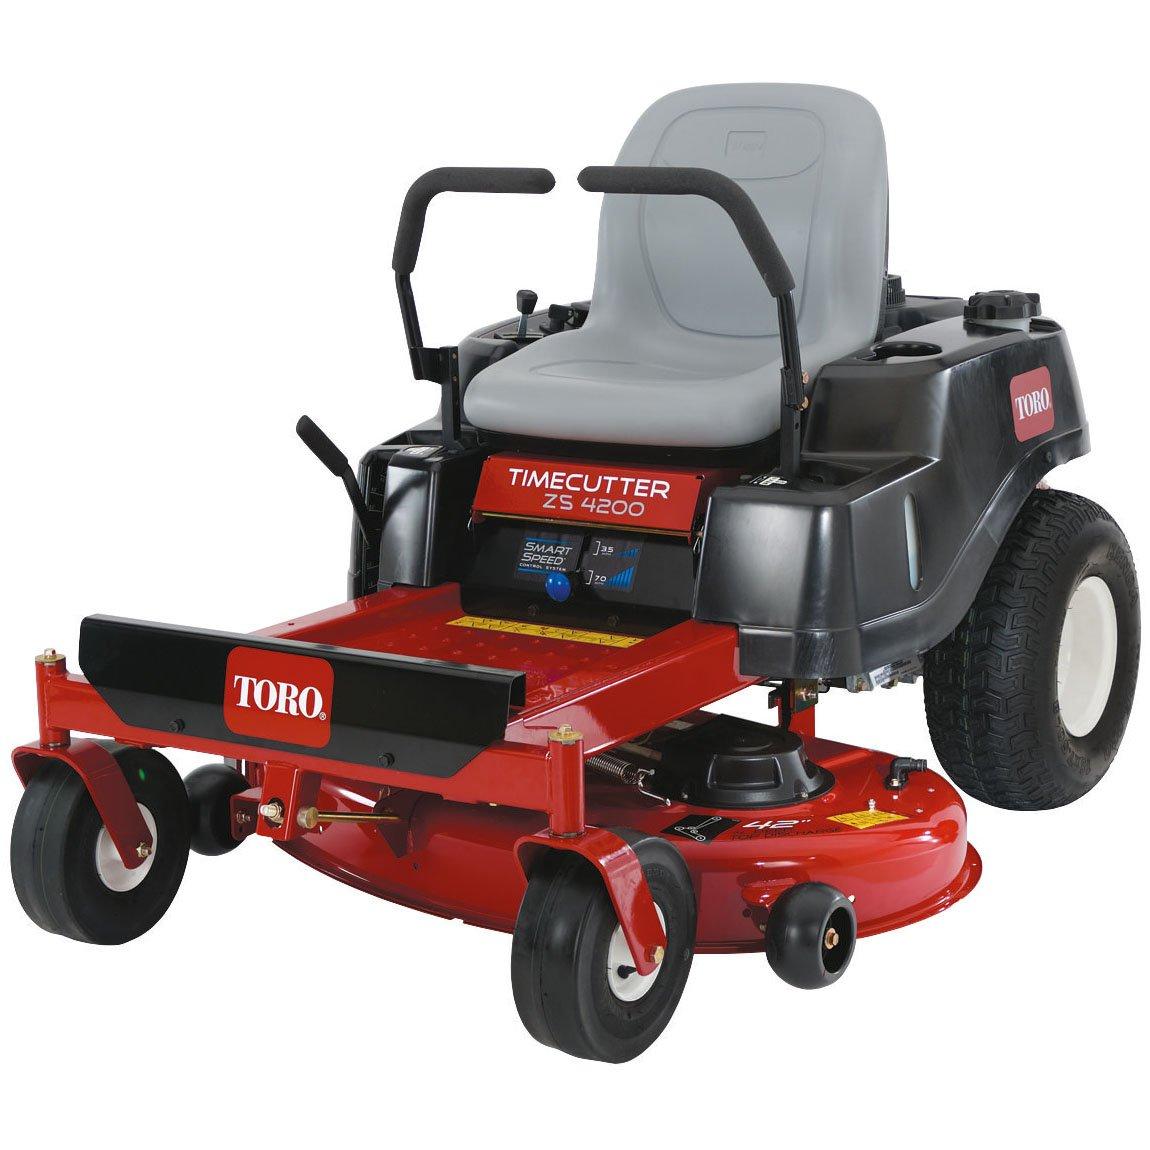 Lawn Mowers Toro ZS4200T Timecutter Zero-Turn Ride-On Mower